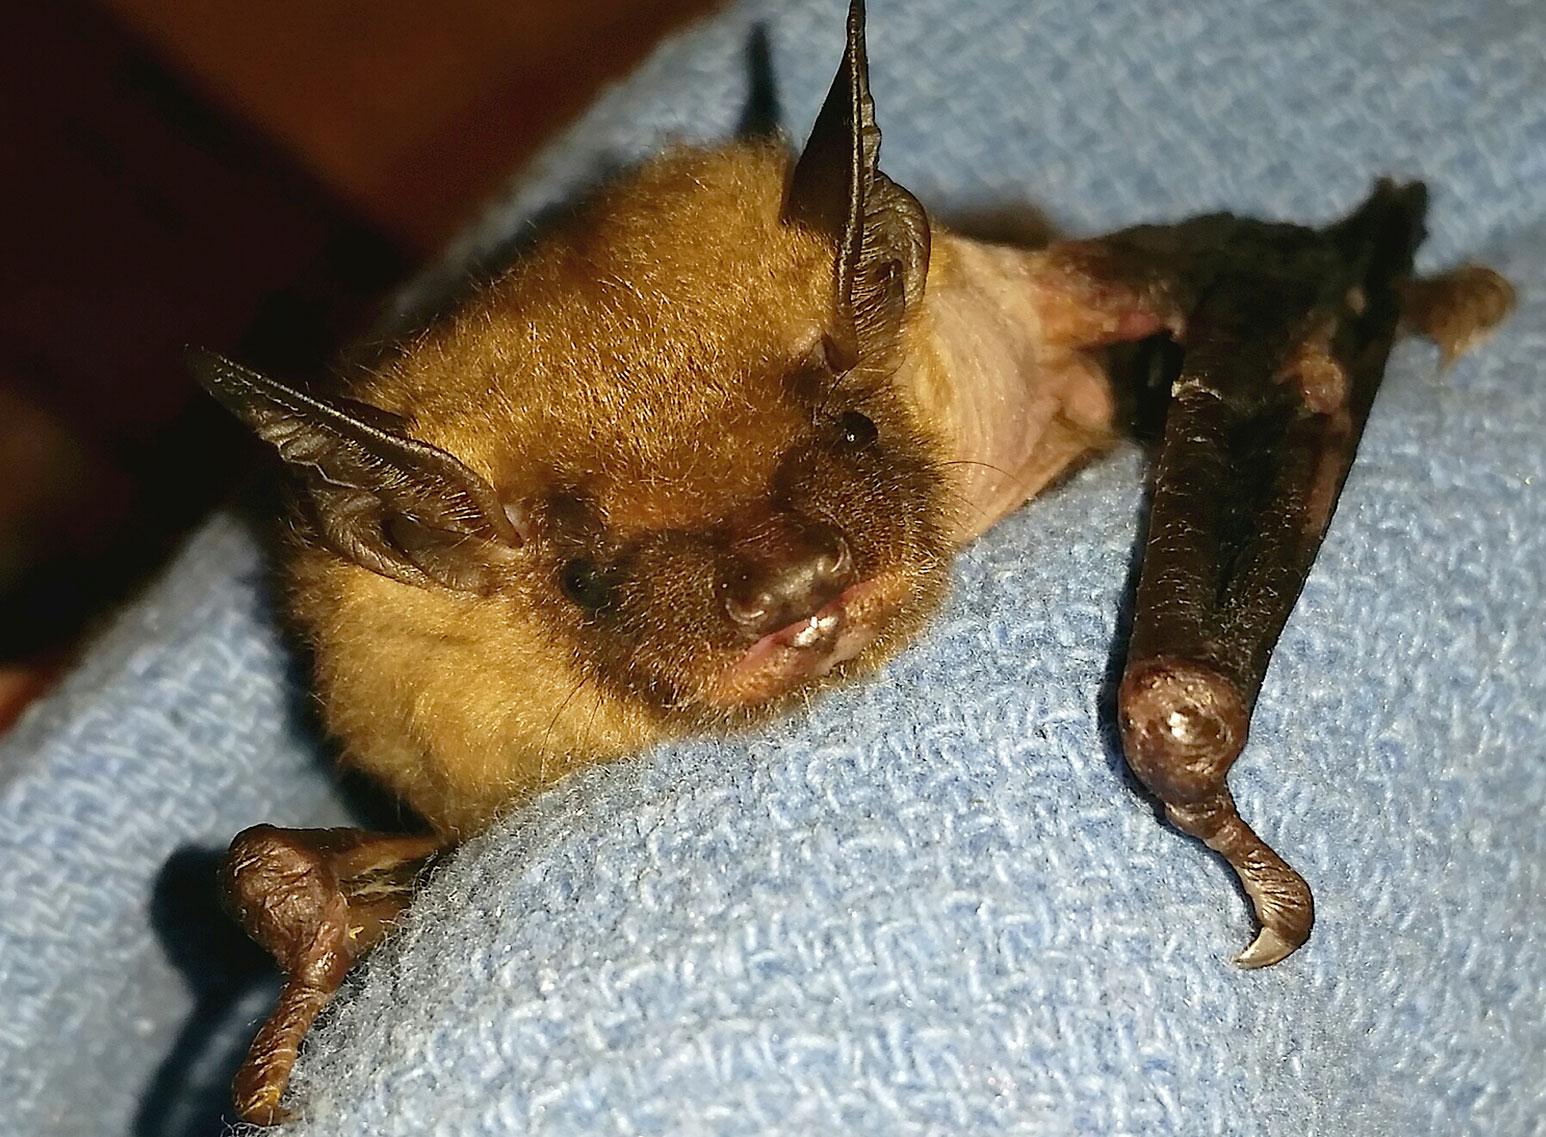 LIttle girl a big brown bat